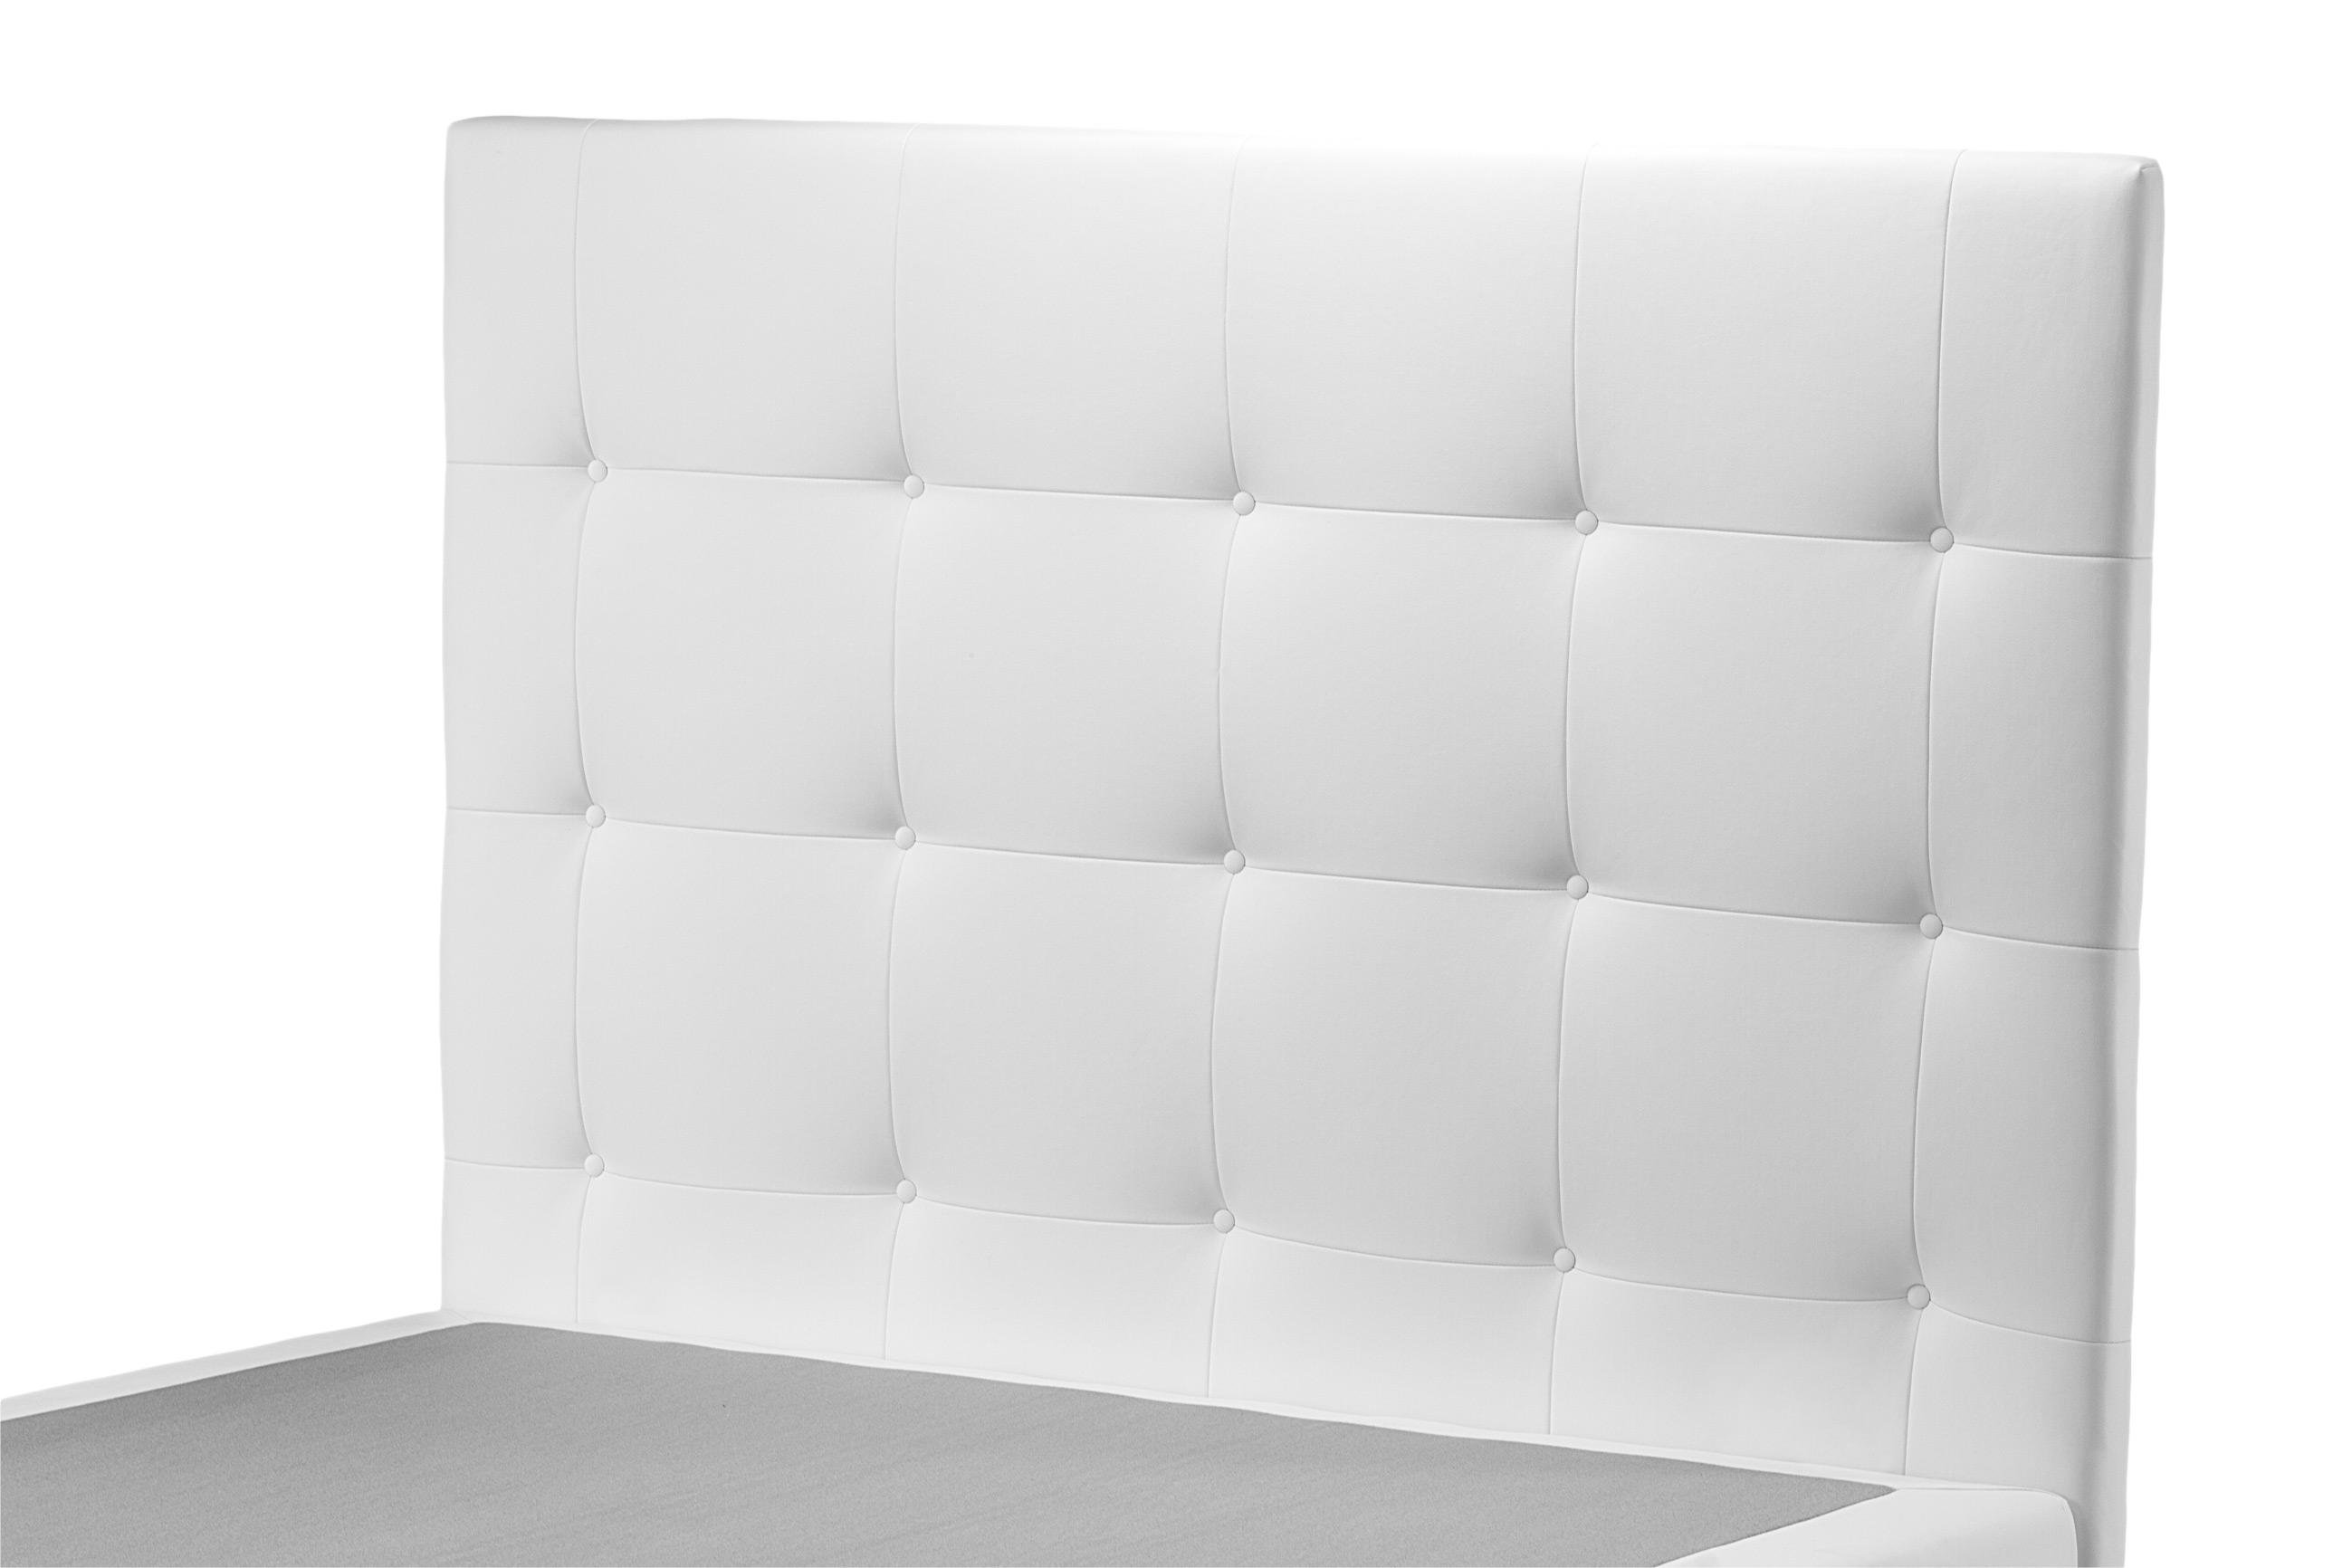 Testiera Per Letto Singolo : Testiera per letto singolo lusso donatello h 94 106 cm ecopelle